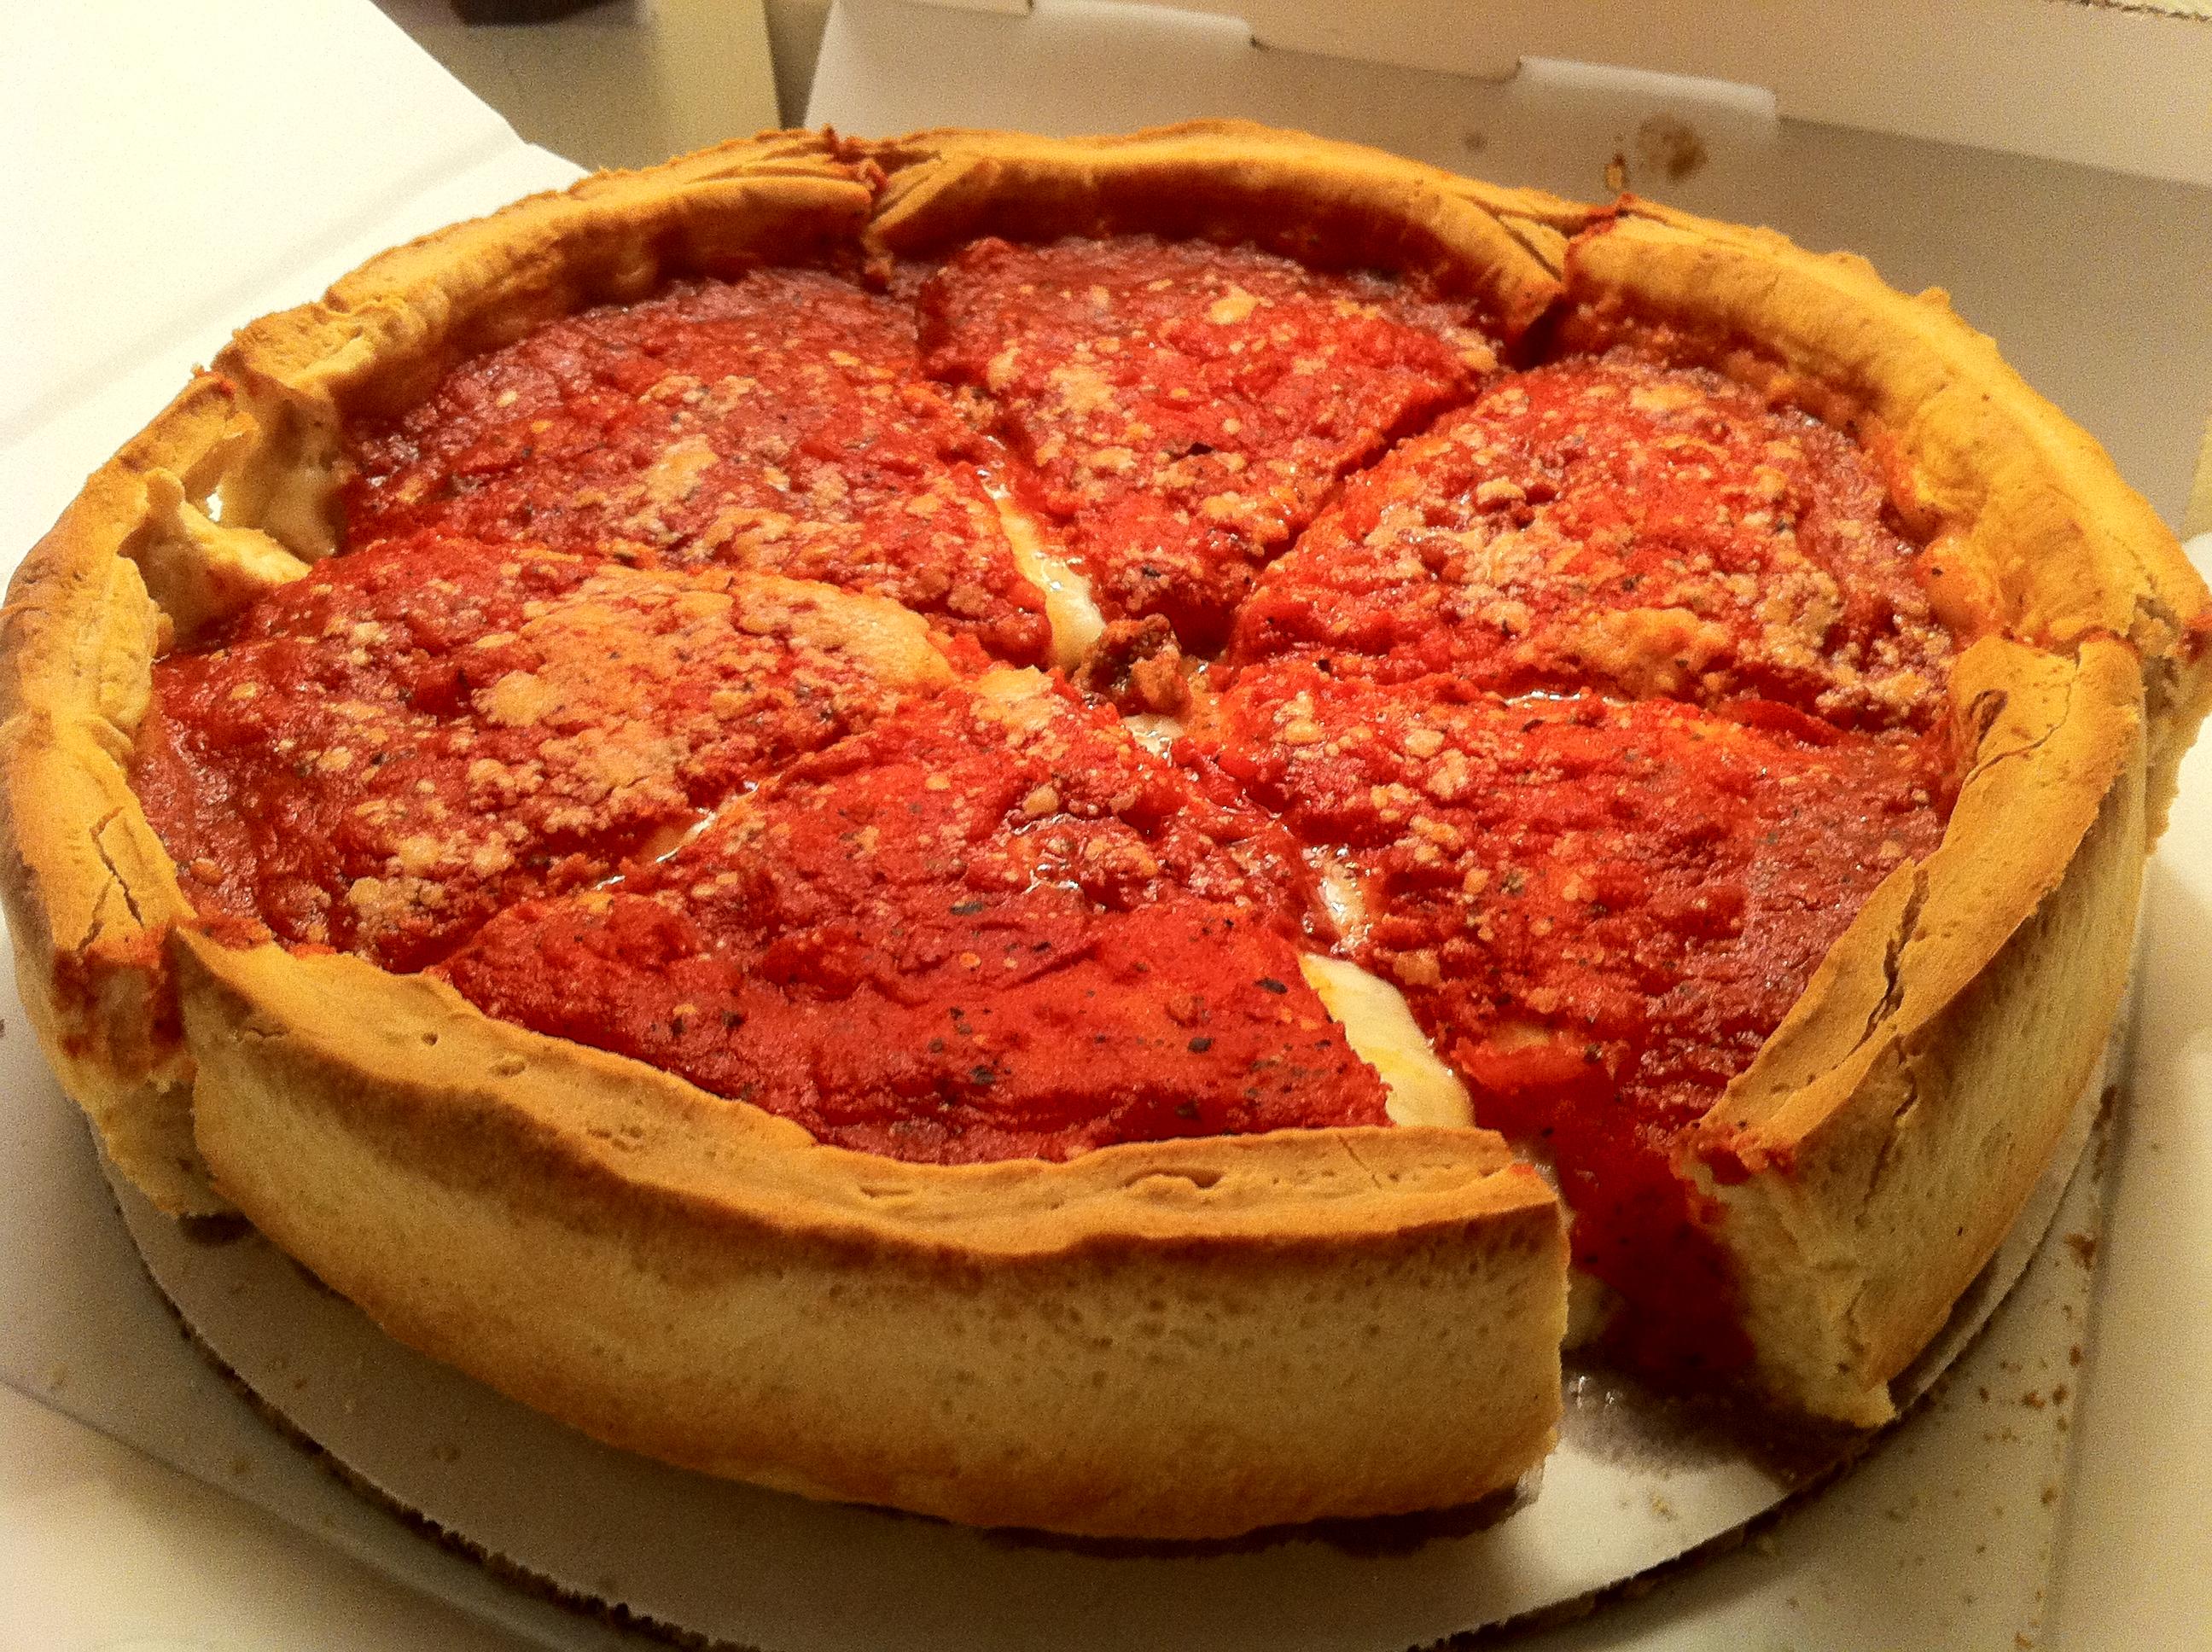 Als je Chicago bezoekt voor een stop over, eet dan een Deep dish pizza, dat is een typische Chicago food traktatie